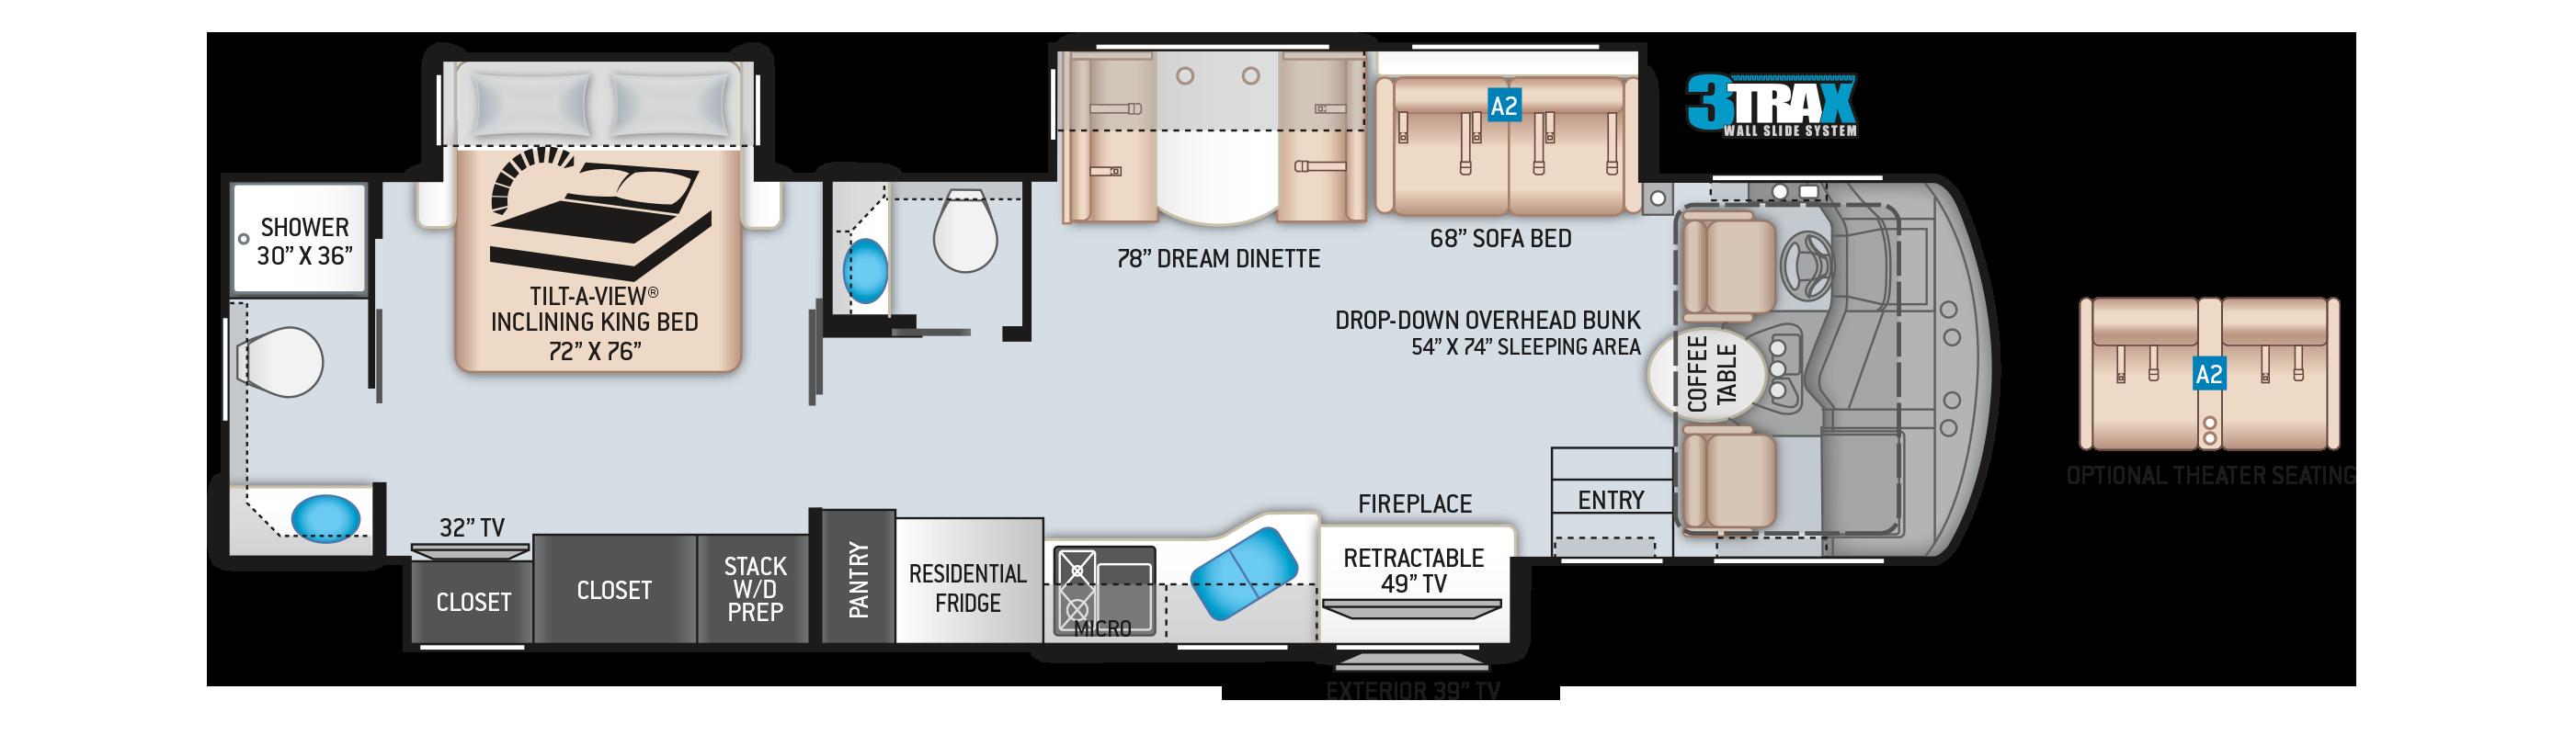 Challenger Class A Motorhome 37FH Floor Plan